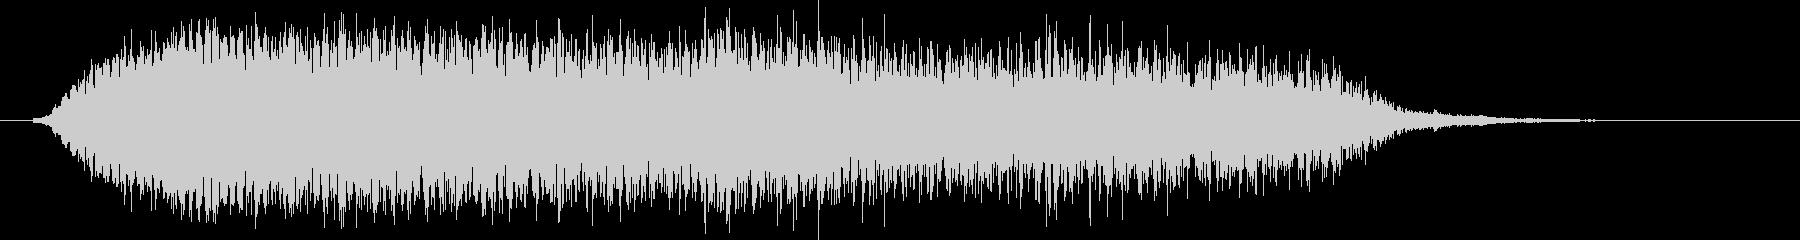 ピューン(コミカルに落下する音)の未再生の波形